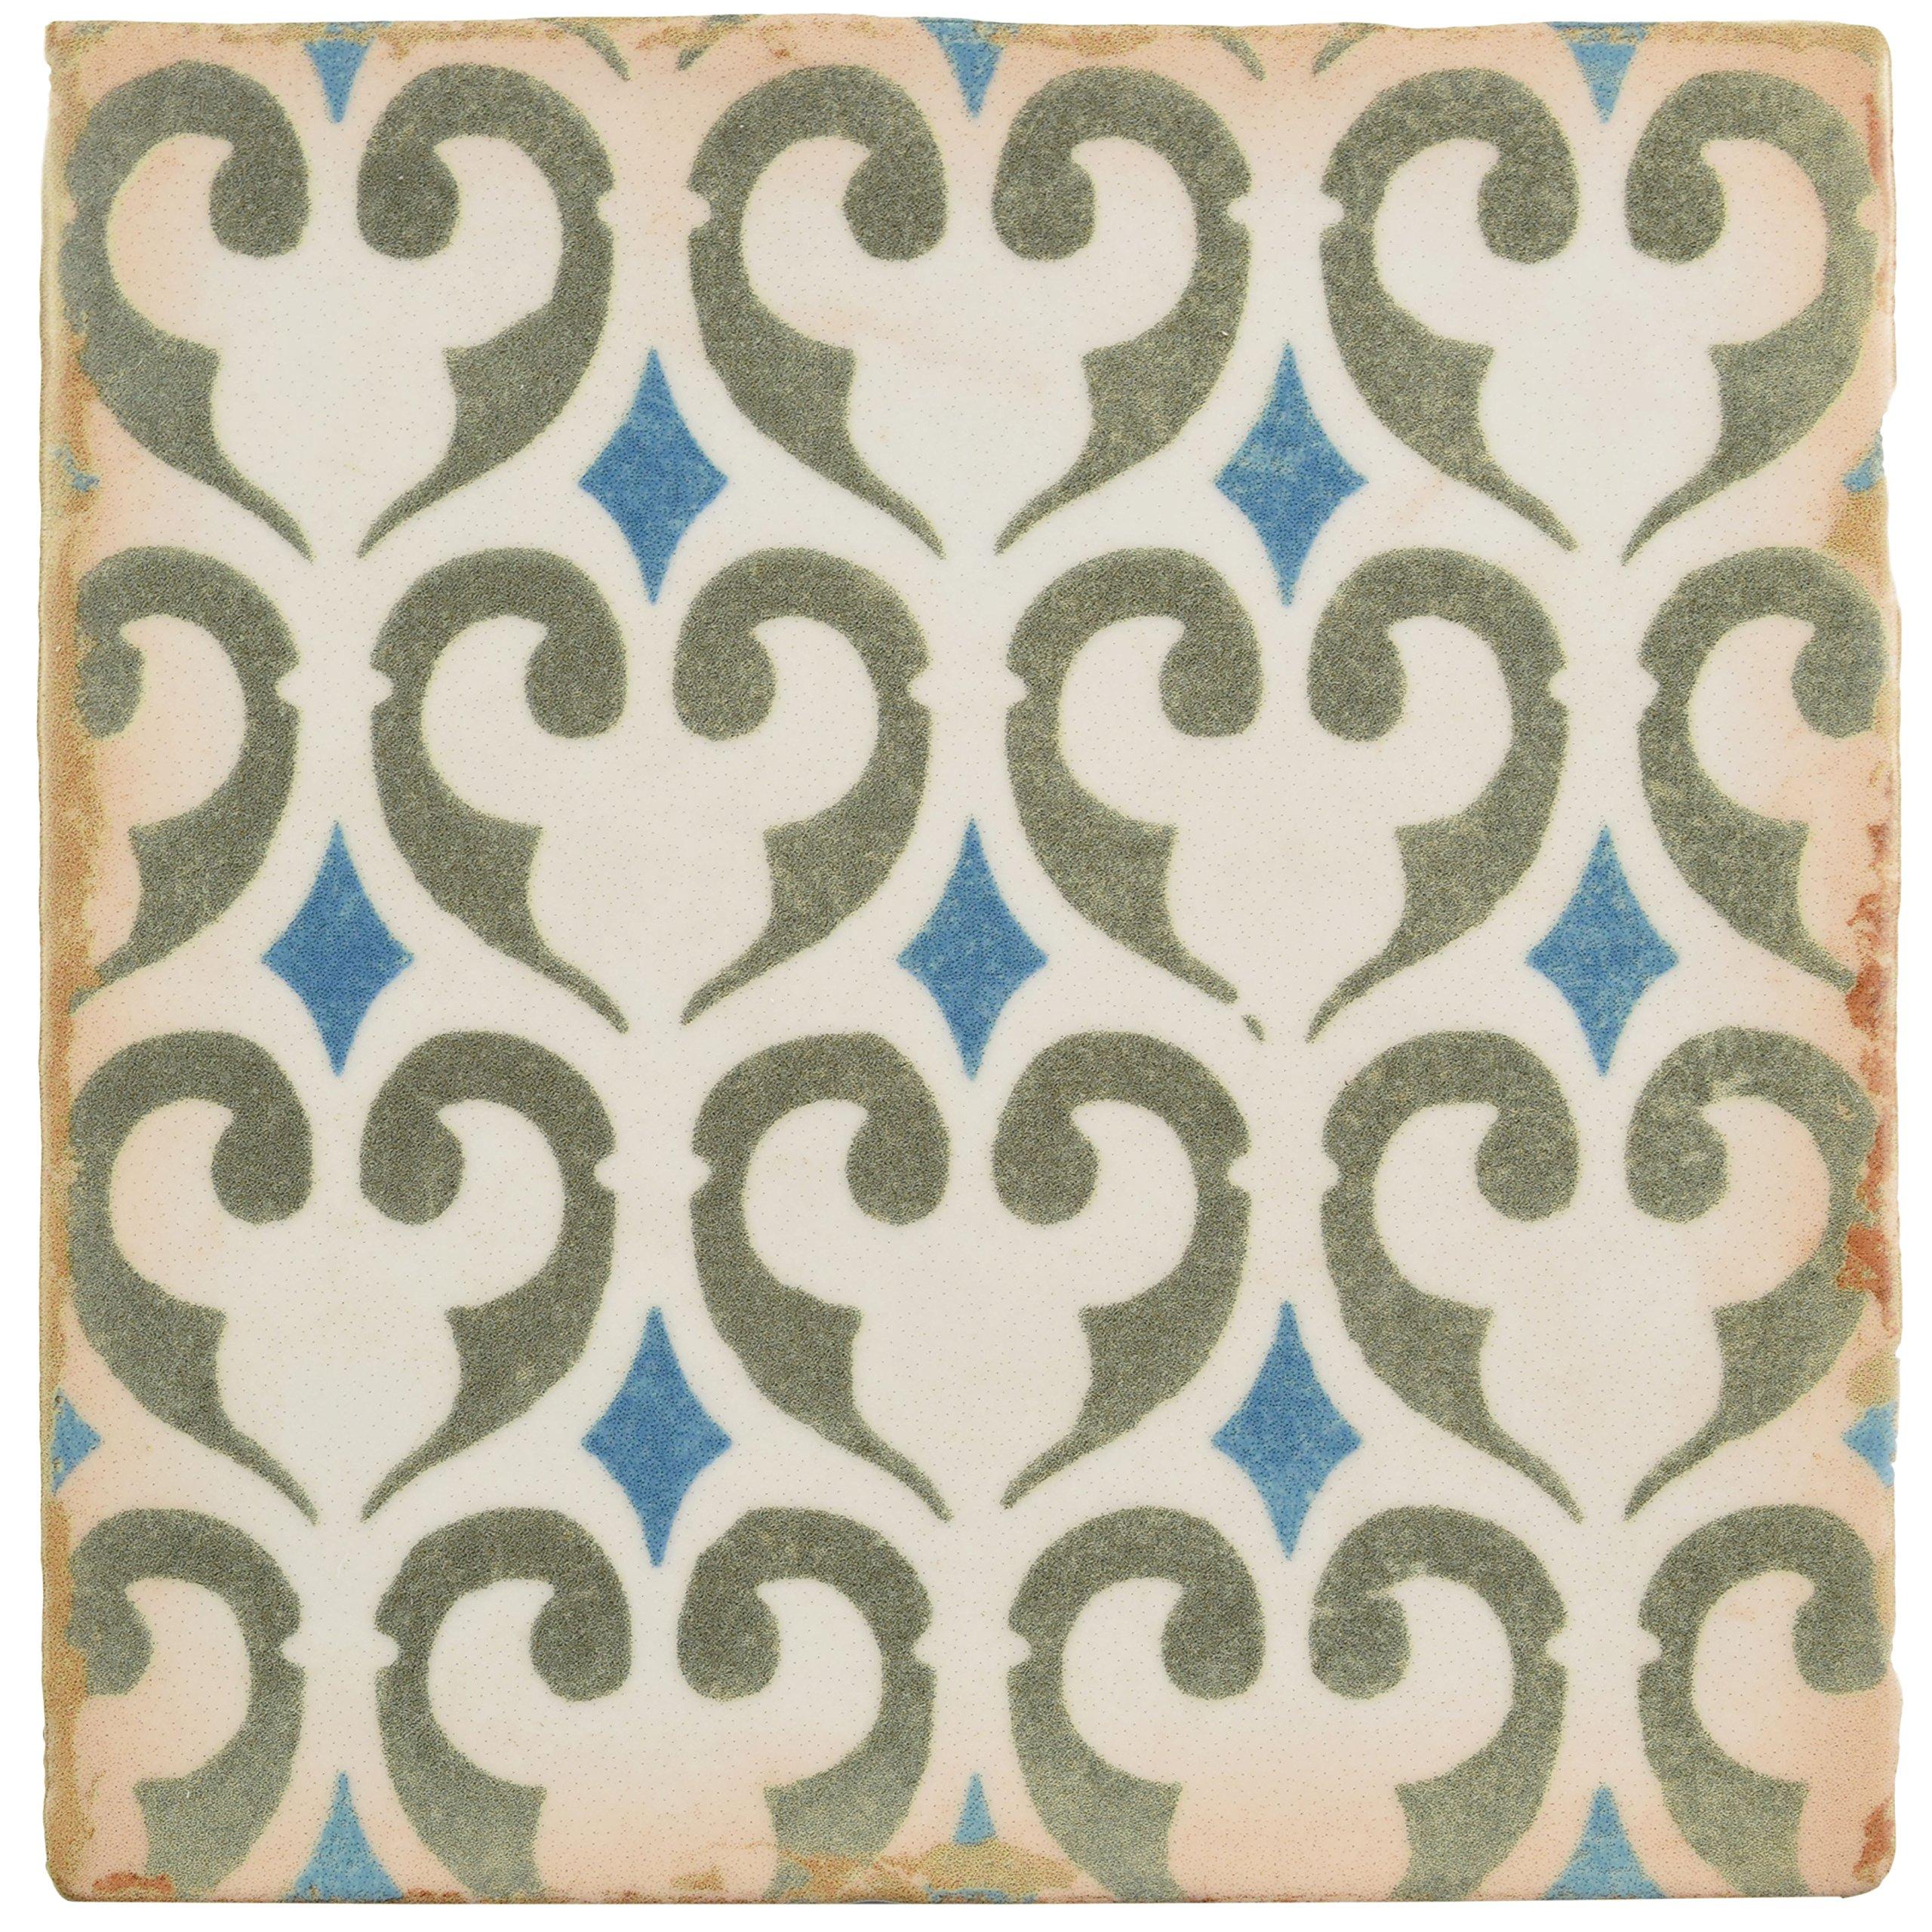 SomerTile FPEARCKZ Modele Ceramic Floor and Wall Tile, 4.875'' x 4.875'', Green/Blue/Cream/White/Brown